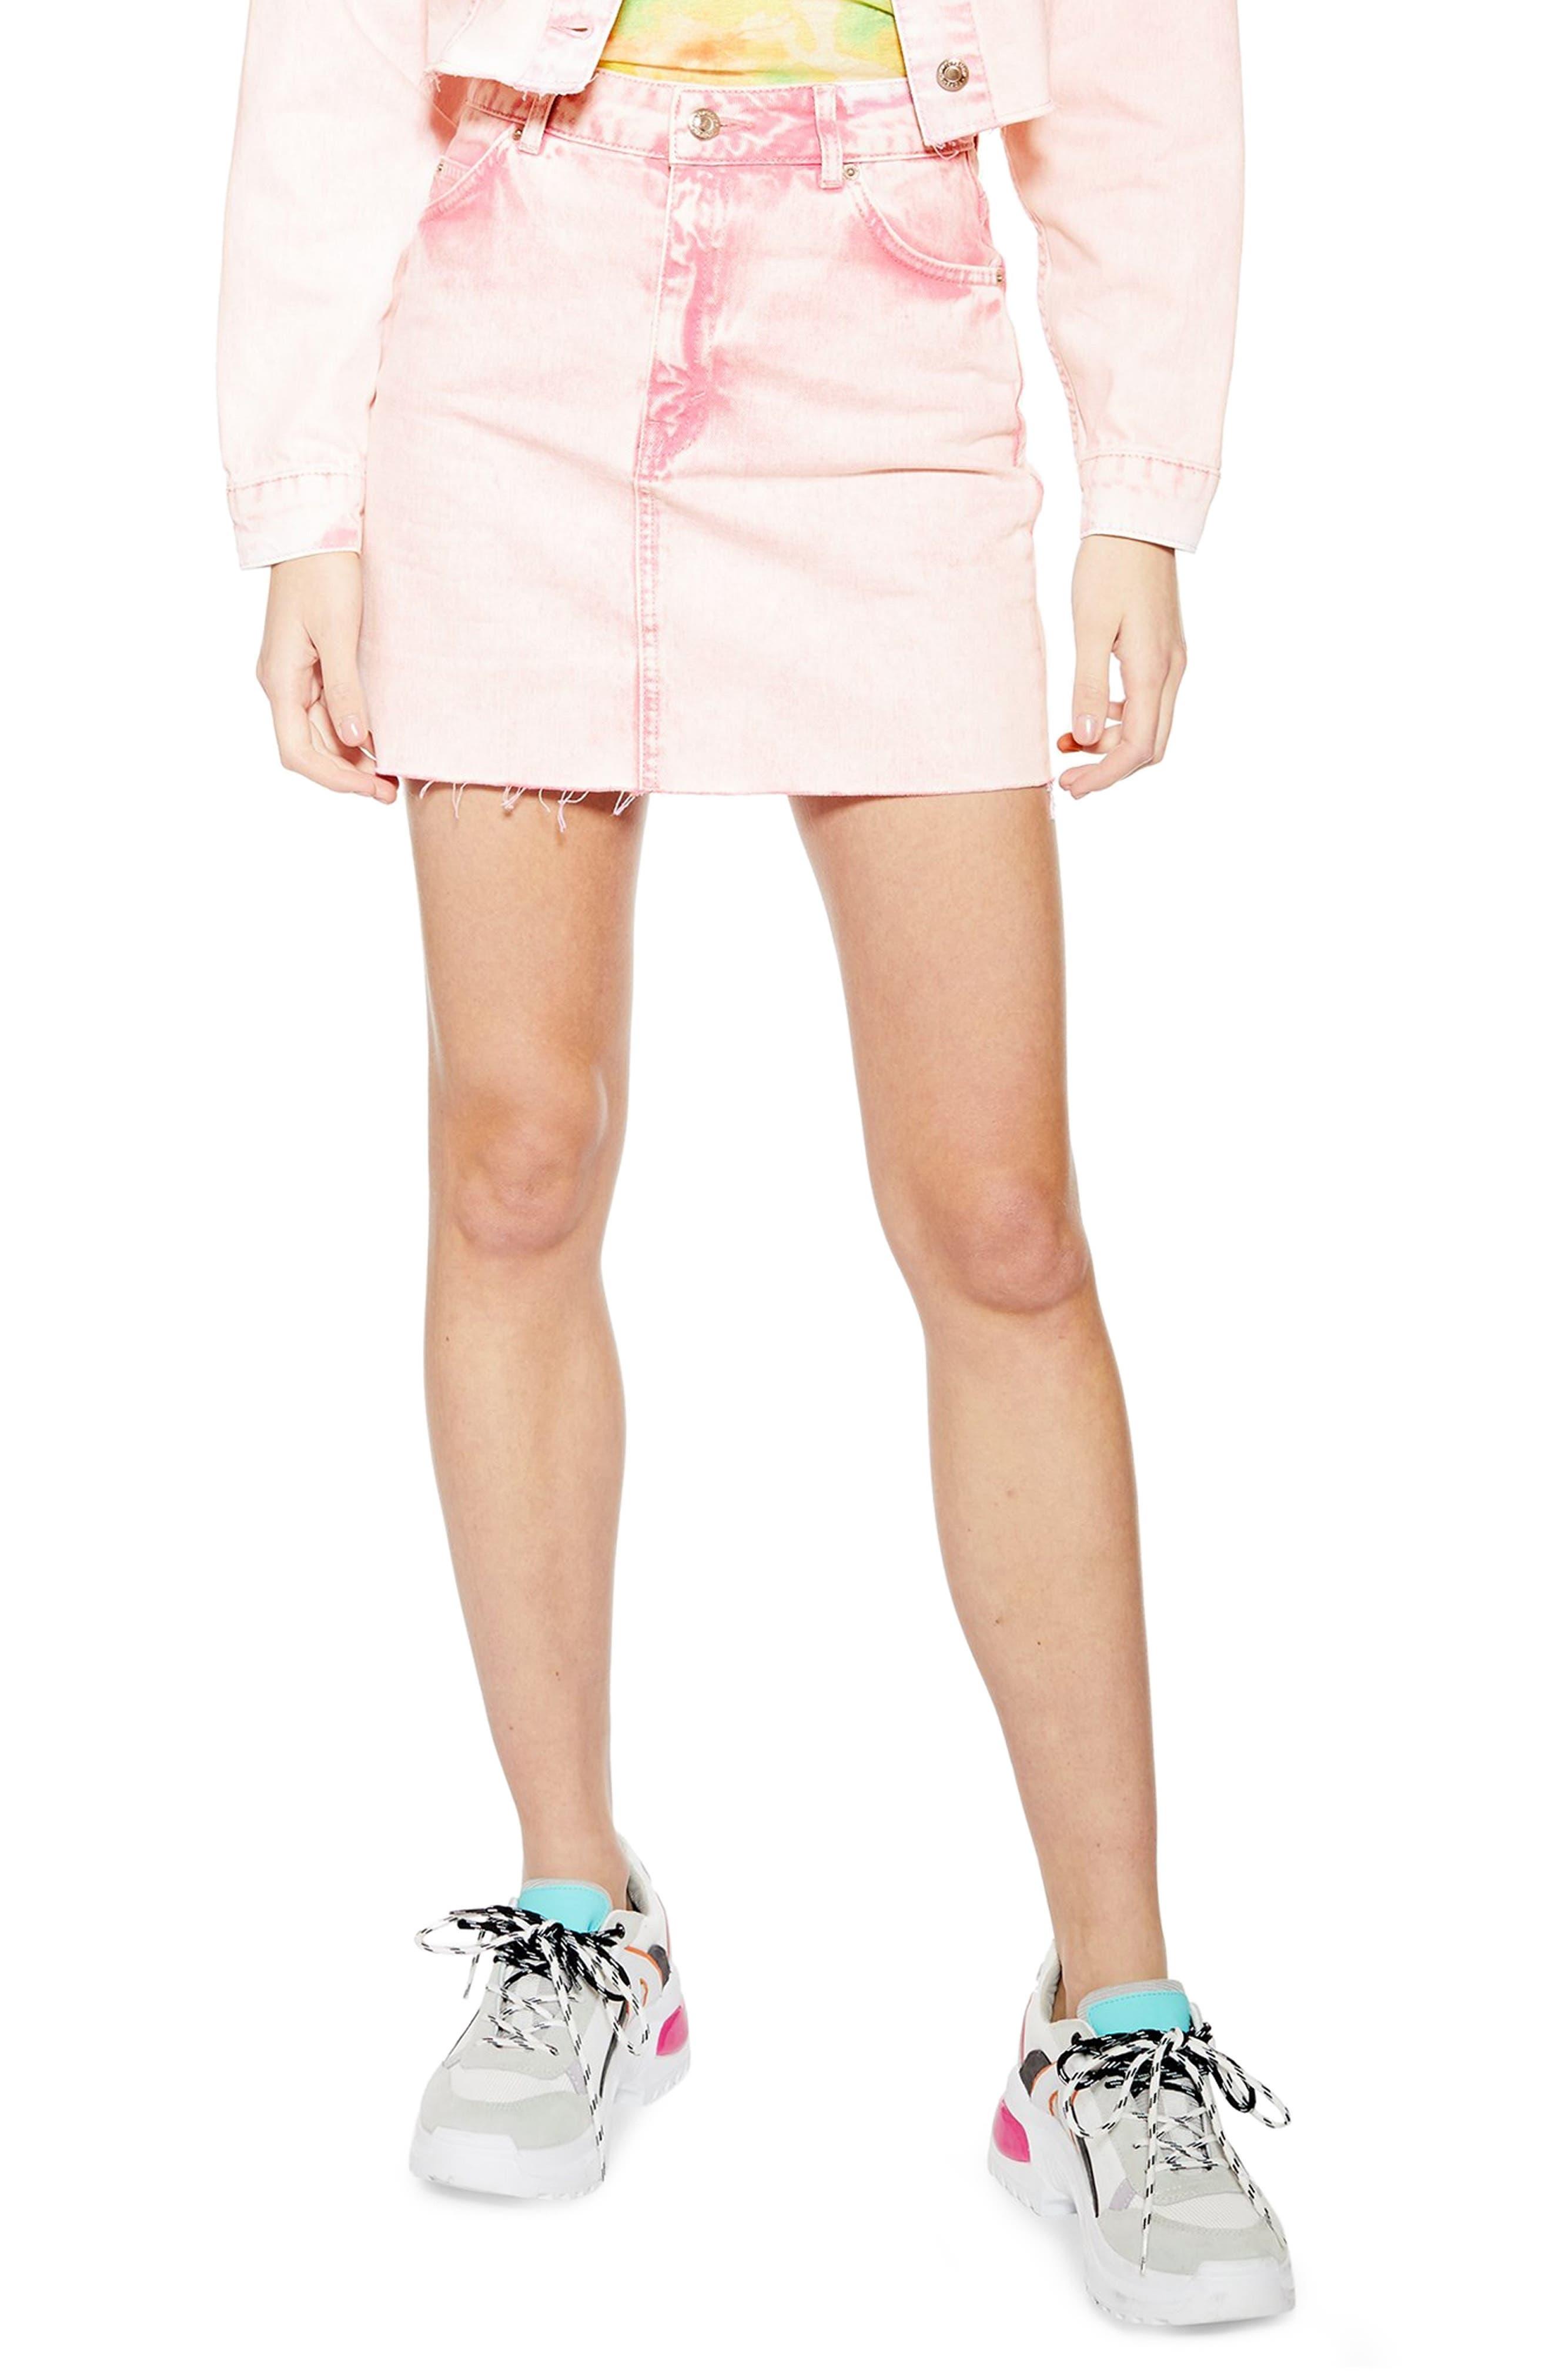 Topshop Acid Wash Denim Skirt, US (fits like 2-4) - Pink